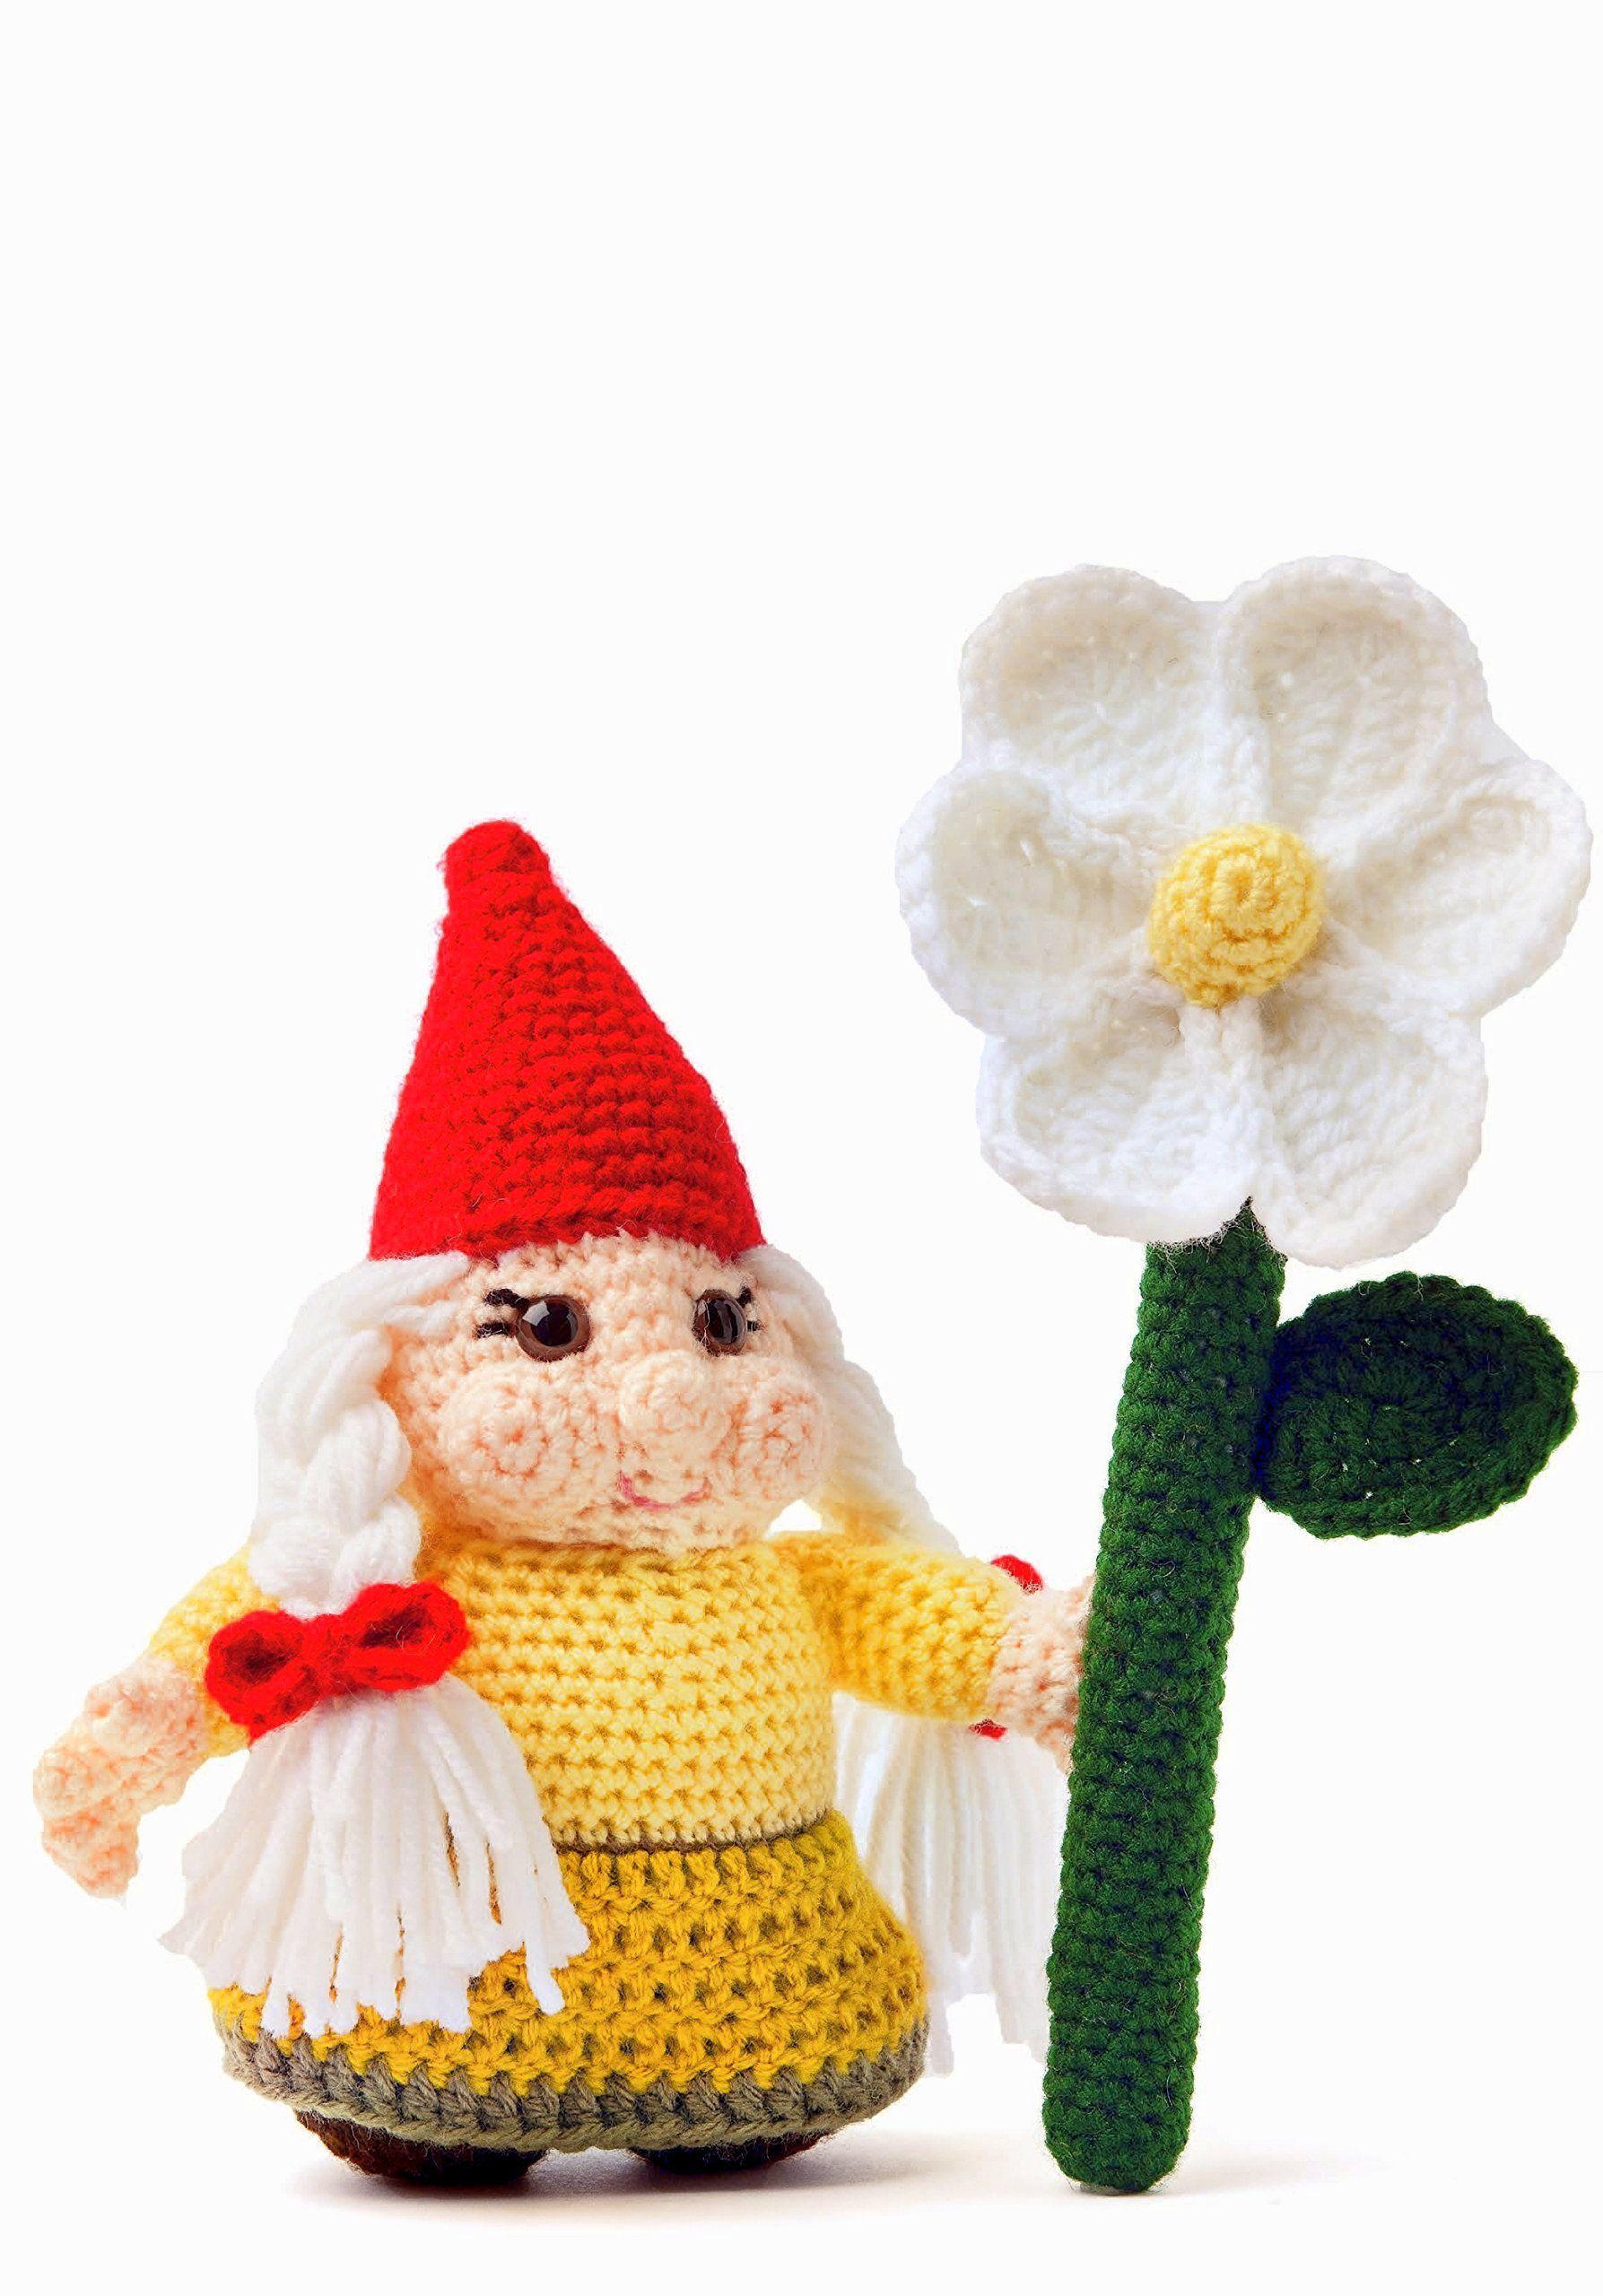 Enchanted forrest creatures Crochet pattern | Crochet Fairy Tale ...